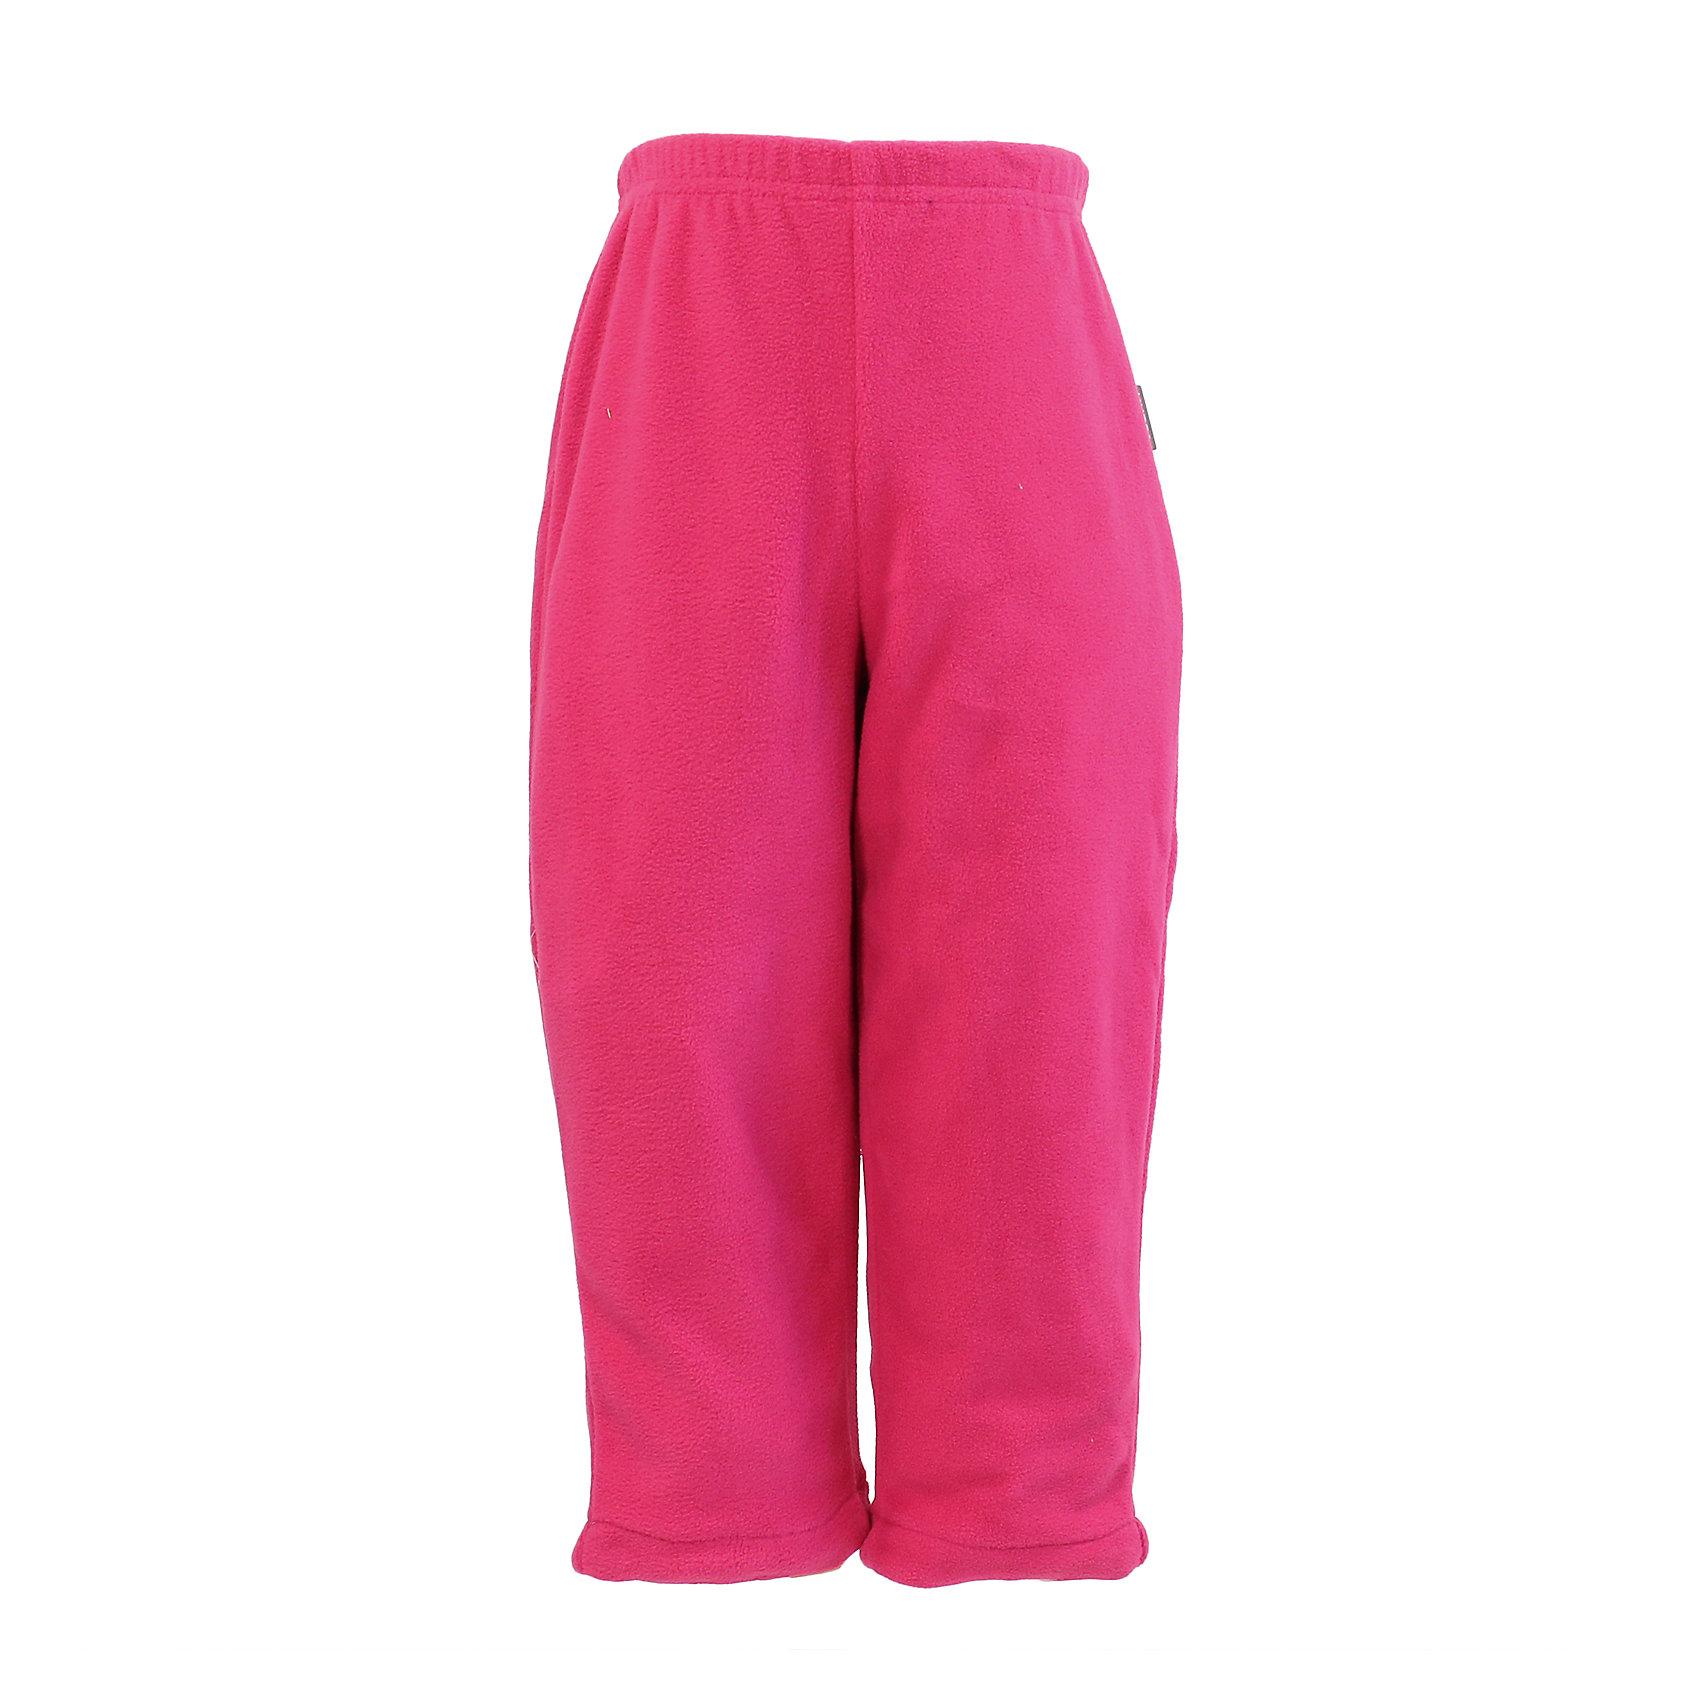 Брюки для девочки HuppaКлассические брюки из мягкого флиса, в которых малышу будет приятно играть в прохладную погоду. Брюки хорошо подходят и для надевания под верхнюю одежду. Для удобства ношения у брюк имеется регулируемый резинкой пояс. К брюкам идеально походит флисовая куртка BERRIE этой же серии.<br><br>Дополнительная информация:<br><br><br>Ткань: флис - 100% полиэстер<br><br>Брюки для девочки Huppa можно купить в нашем магазине.<br><br>Ширина мм: 215<br>Глубина мм: 88<br>Высота мм: 191<br>Вес г: 336<br>Цвет: розовый<br>Возраст от месяцев: 72<br>Возраст до месяцев: 84<br>Пол: Женский<br>Возраст: Детский<br>Размер: 122,110,98,116,104,92<br>SKU: 4595409